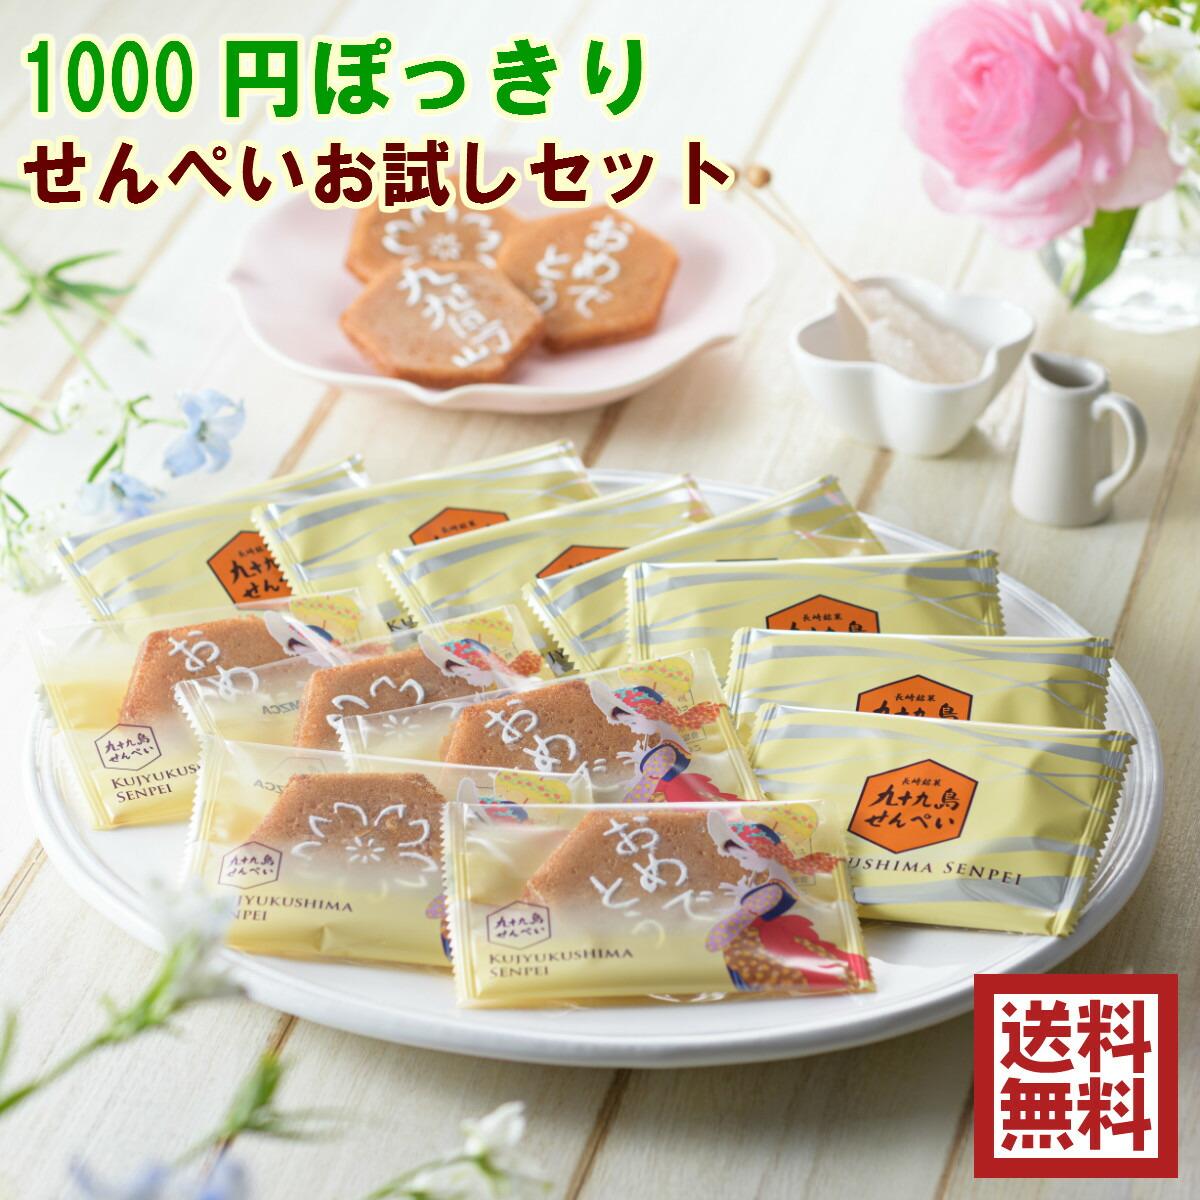 1000円ぽっきり九十九島せんぺい12枚